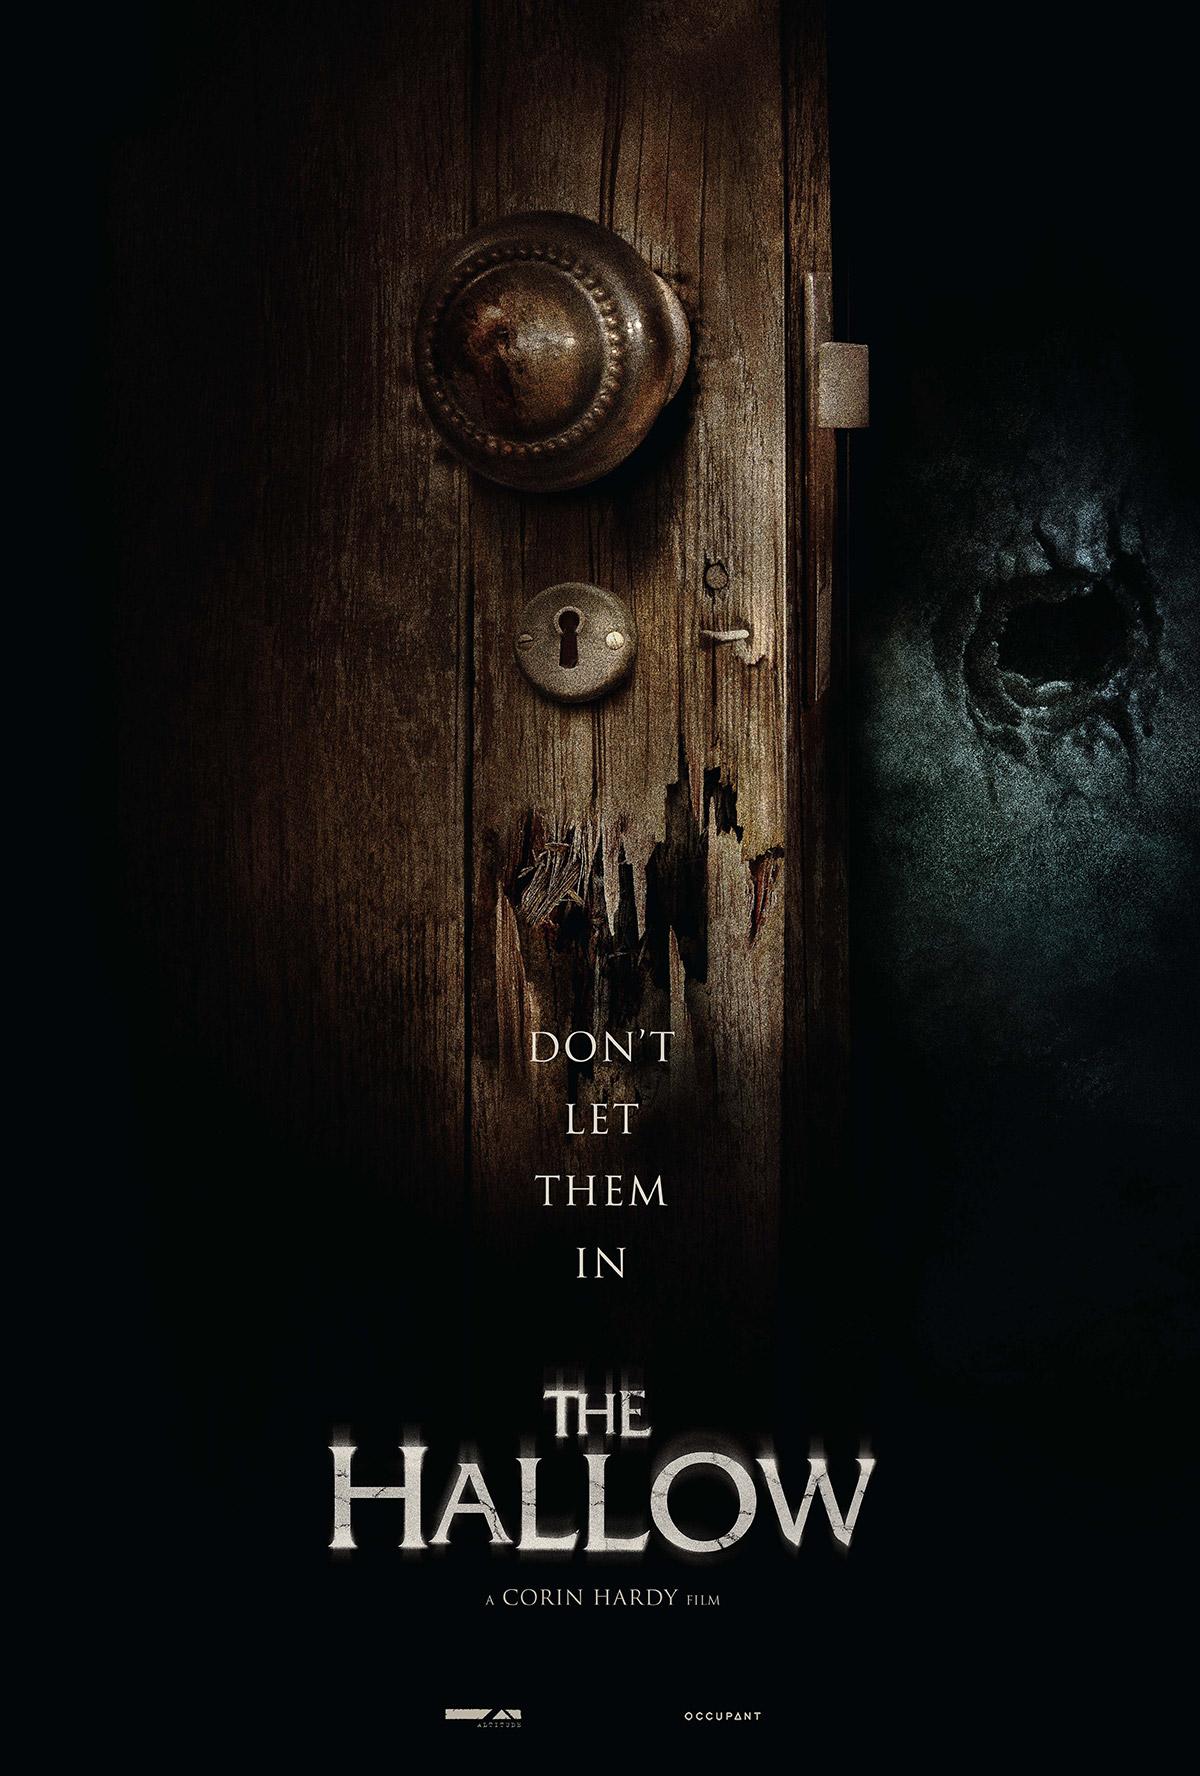 The Hallow (2015, dir. CorinHardy)